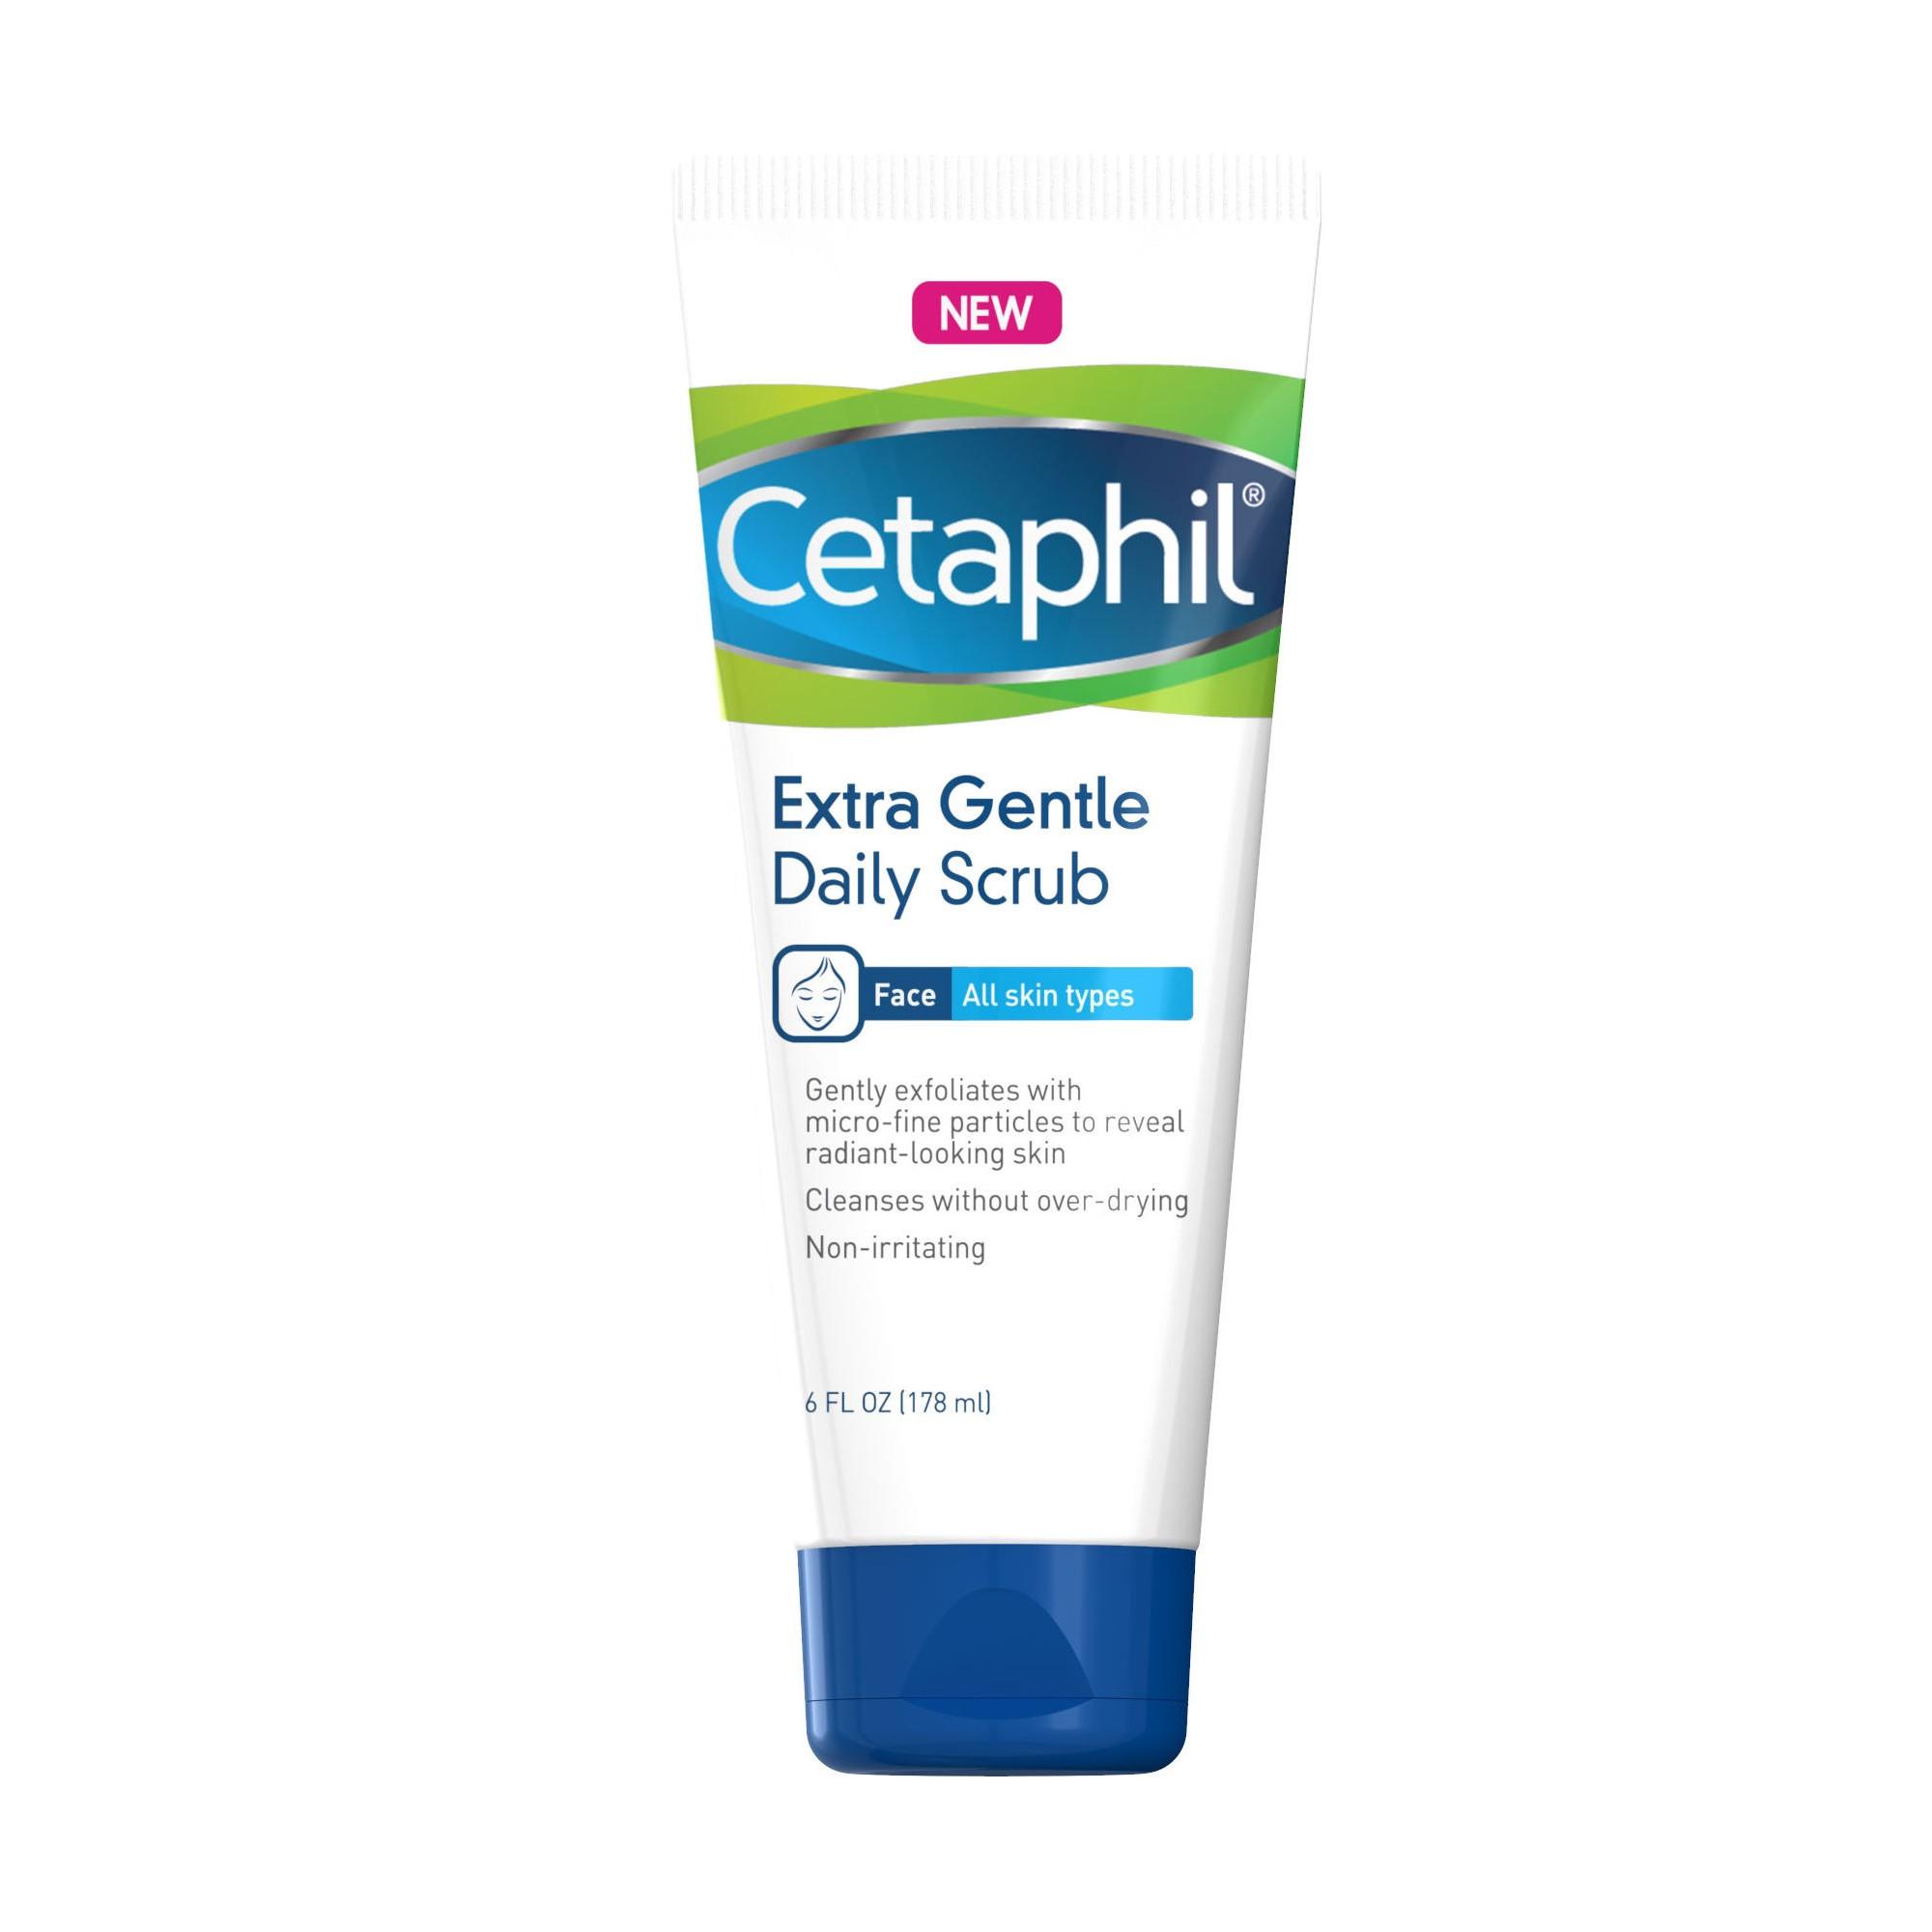 Cetaphil Gentle Exfoliating Facial Cleanser 6oz in 2019